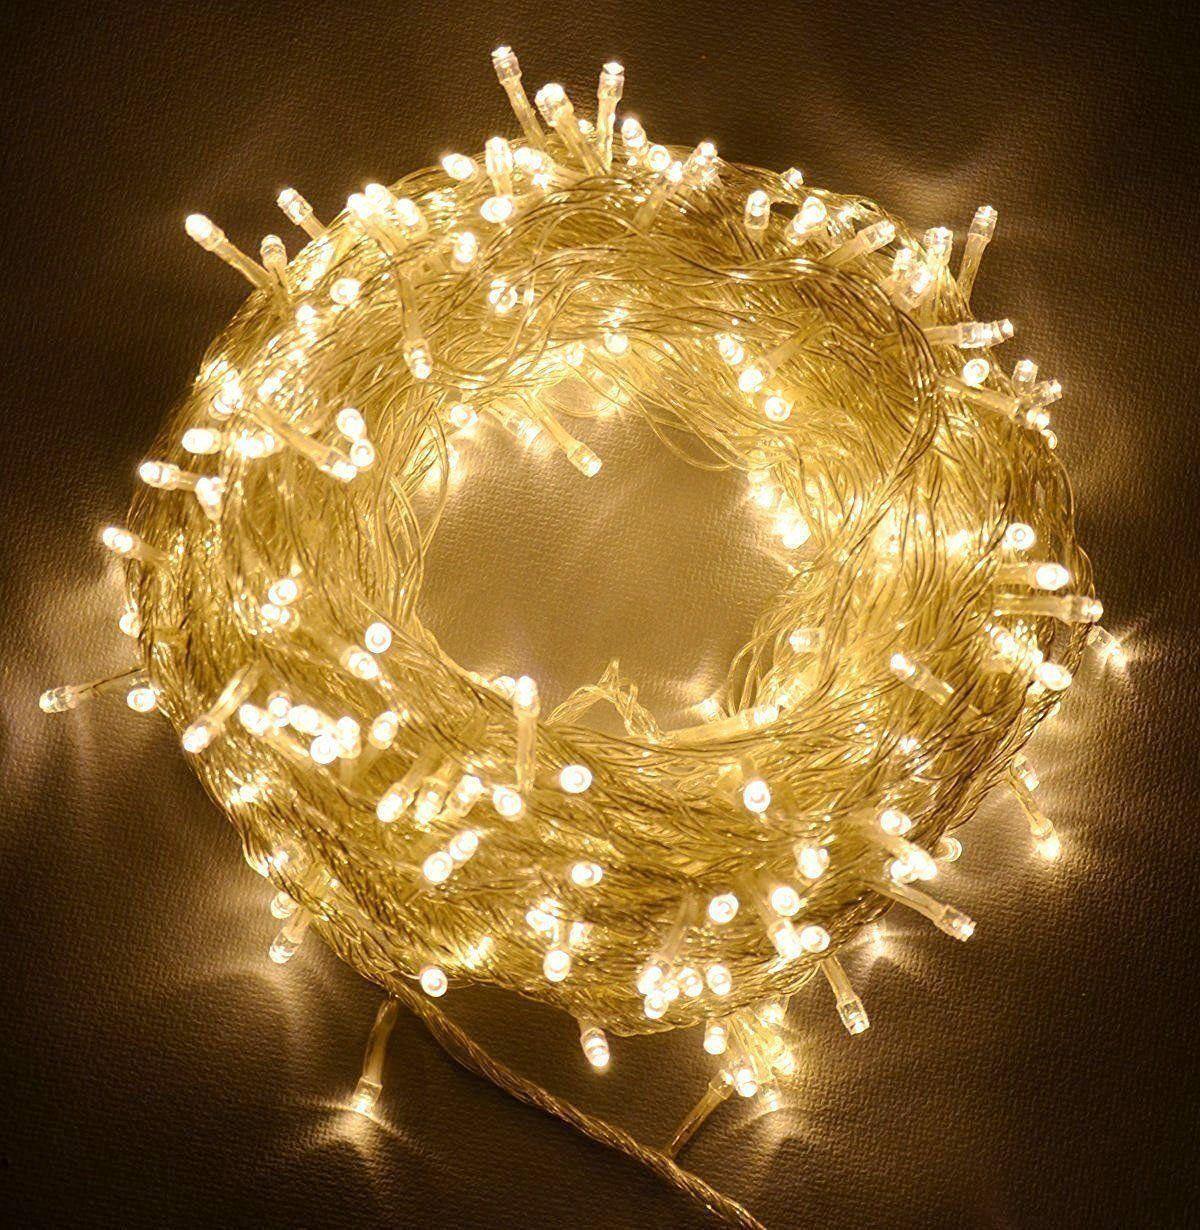 20-40-50-80-100-Batterie-DEL-Fairy-Lights-String-Fete-de-mariage-Decorations-Cuivre miniature 12